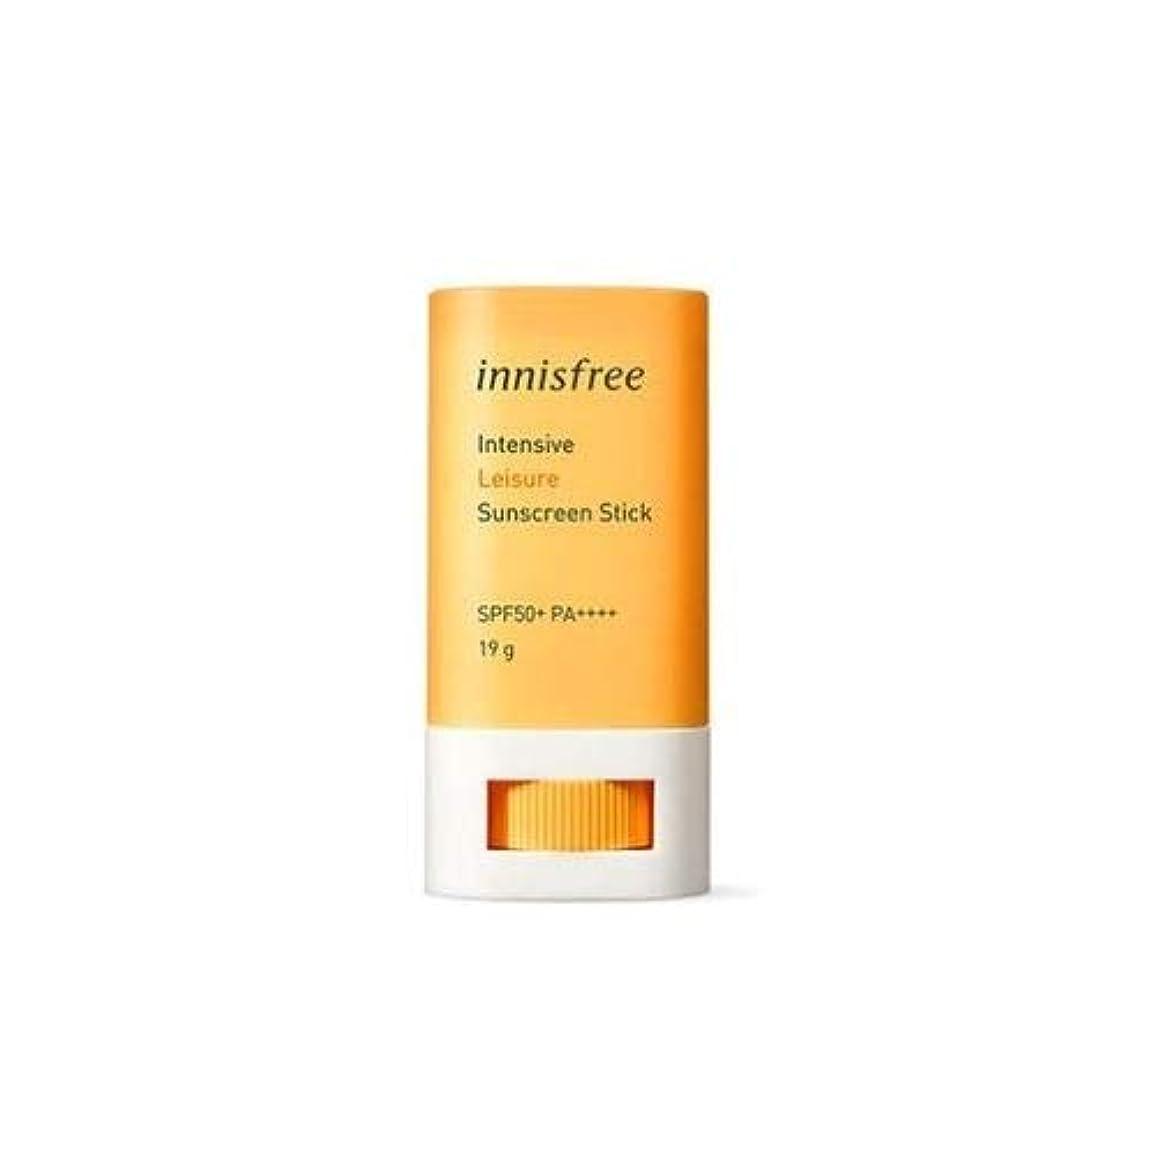 バングラデシュ寛容歯イ二スフリー インテンシブ レジャー サンスクリーン スティック SPF50+ PA++++ / Innisfree Intensive Leisure Suncreen Stick 19g [並行輸入品]